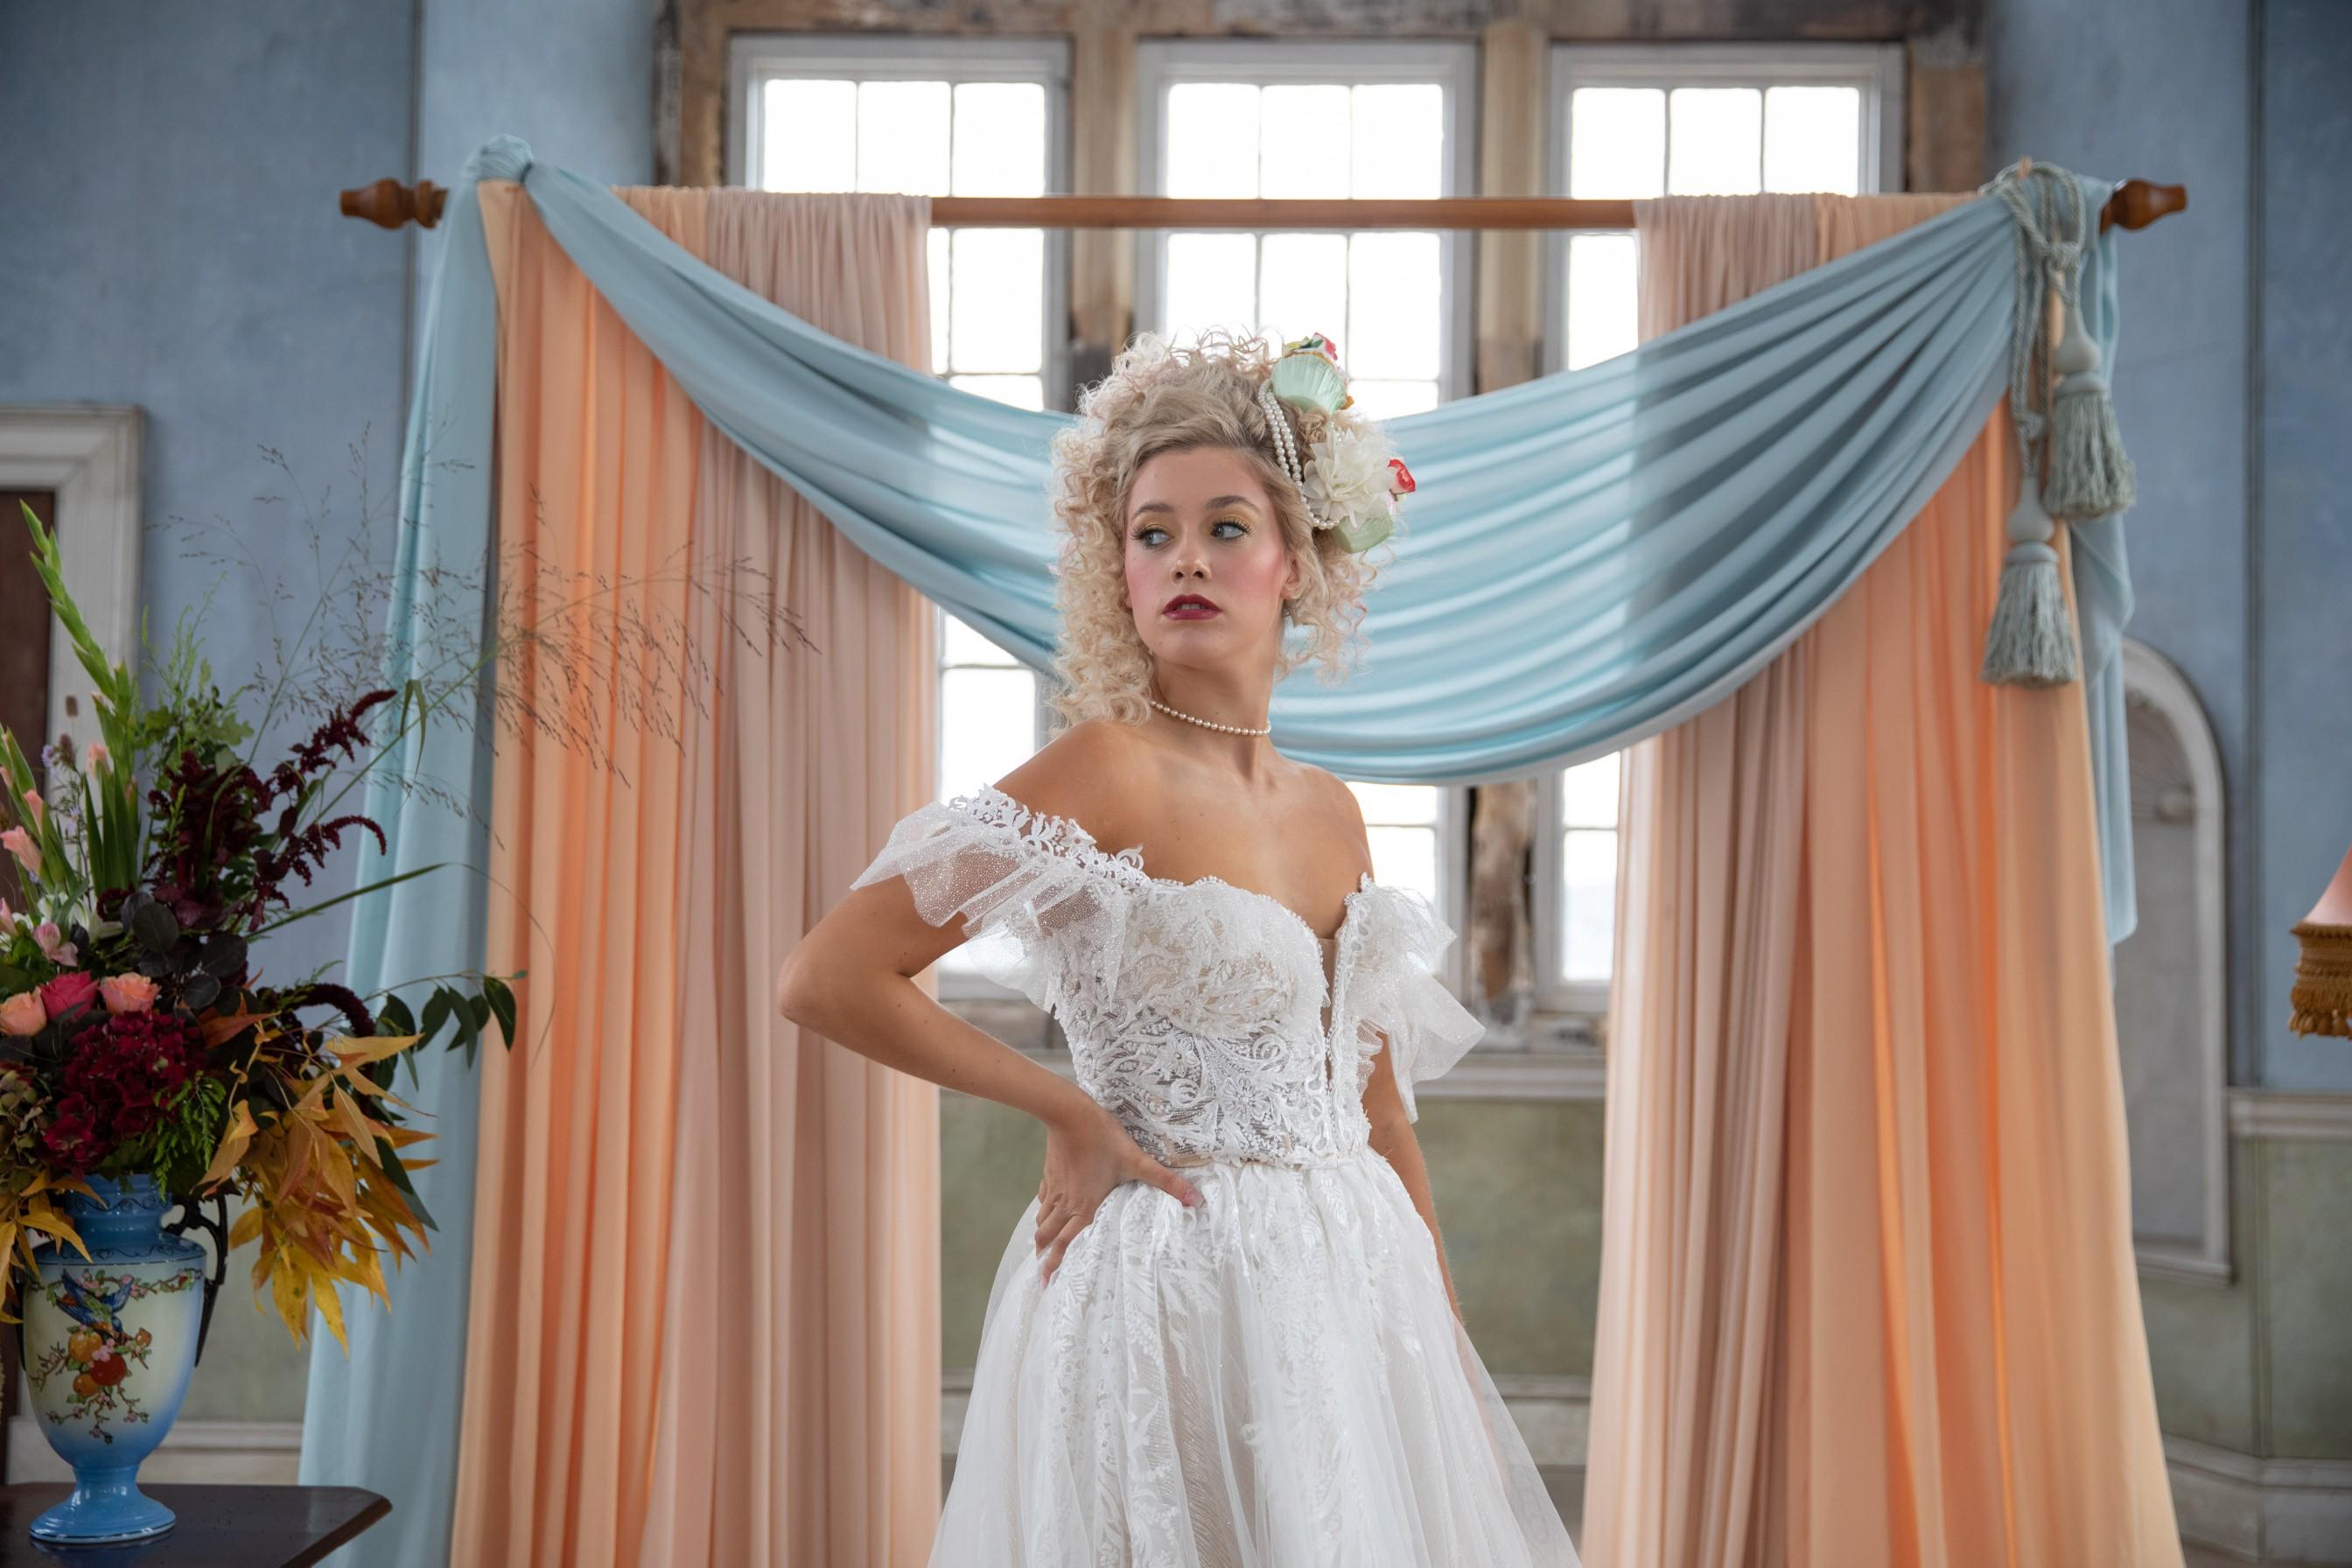 quirky pastel wedding - regency wedding - unique wedding dress - unique wedding hair - unique bridal look